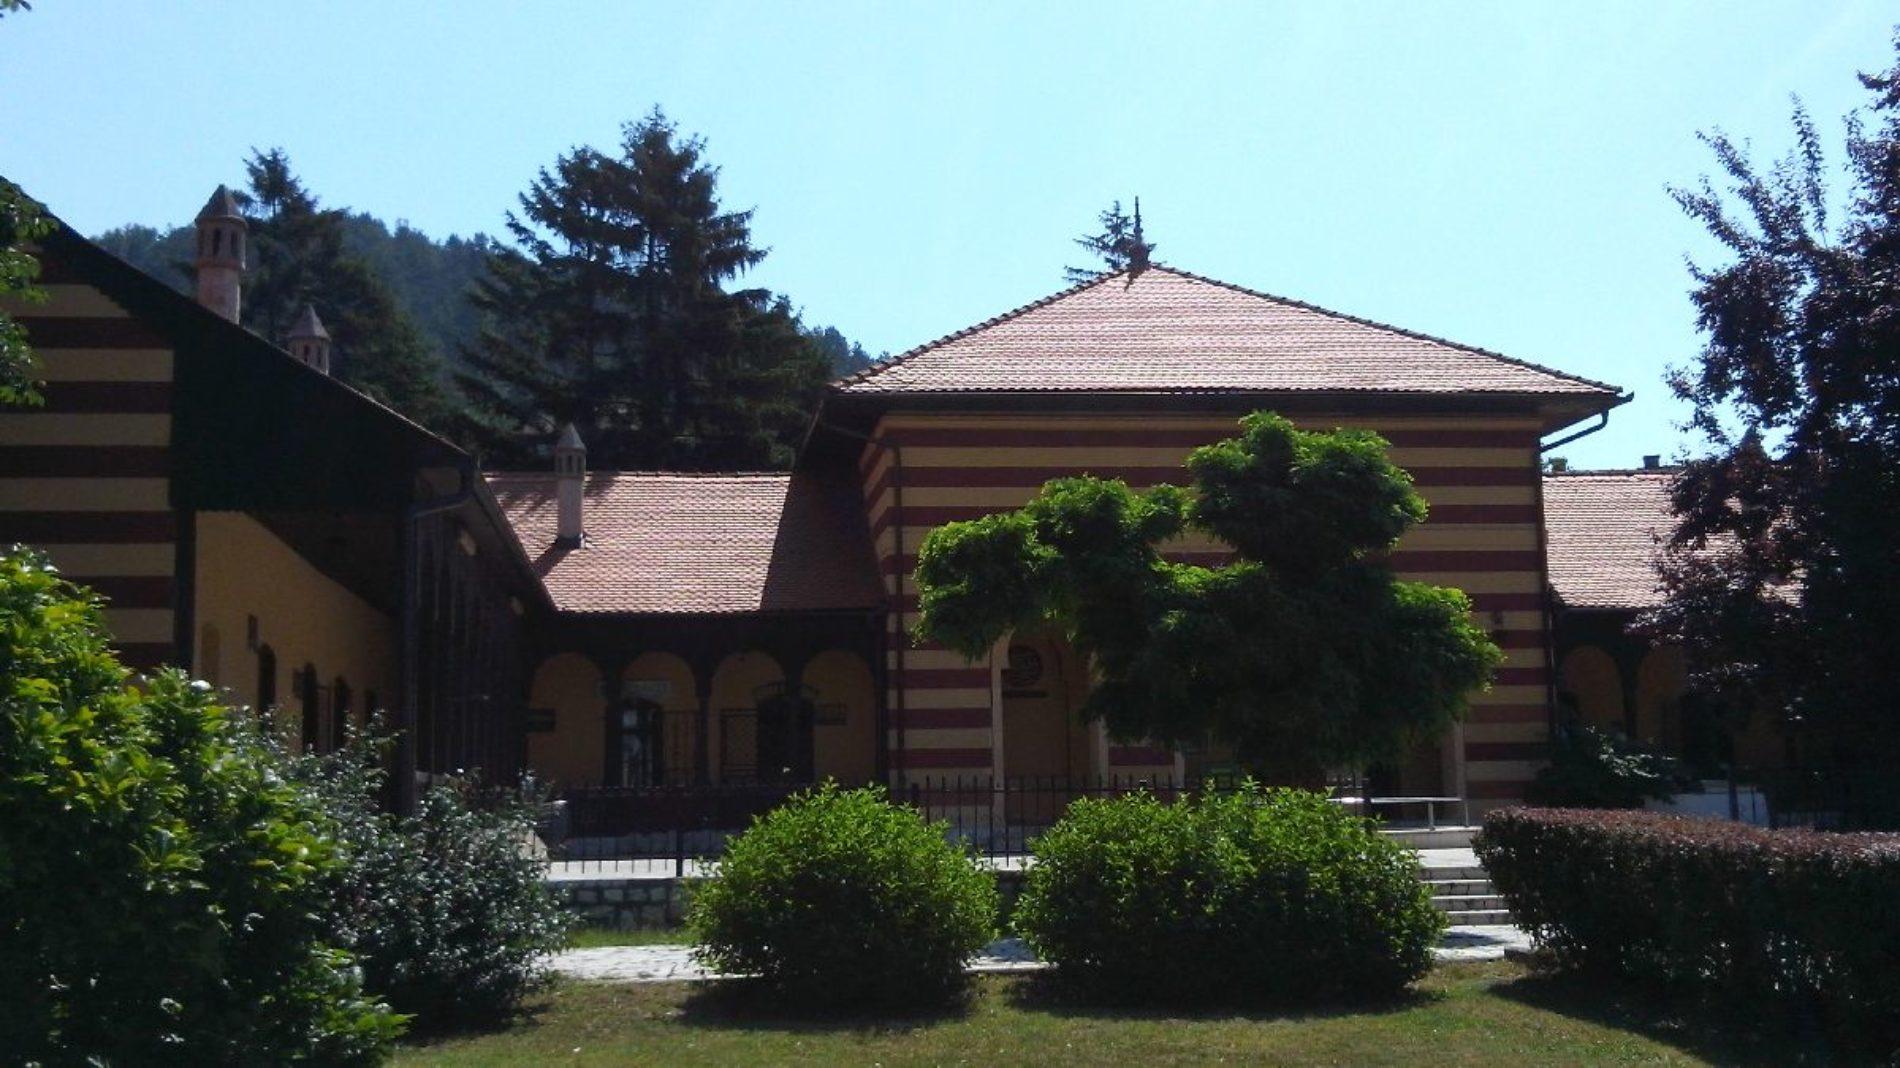 Osman-kapetanova medresa u Gračanici: Nekad obrazovna ustanova danas objekt za društvene namjene